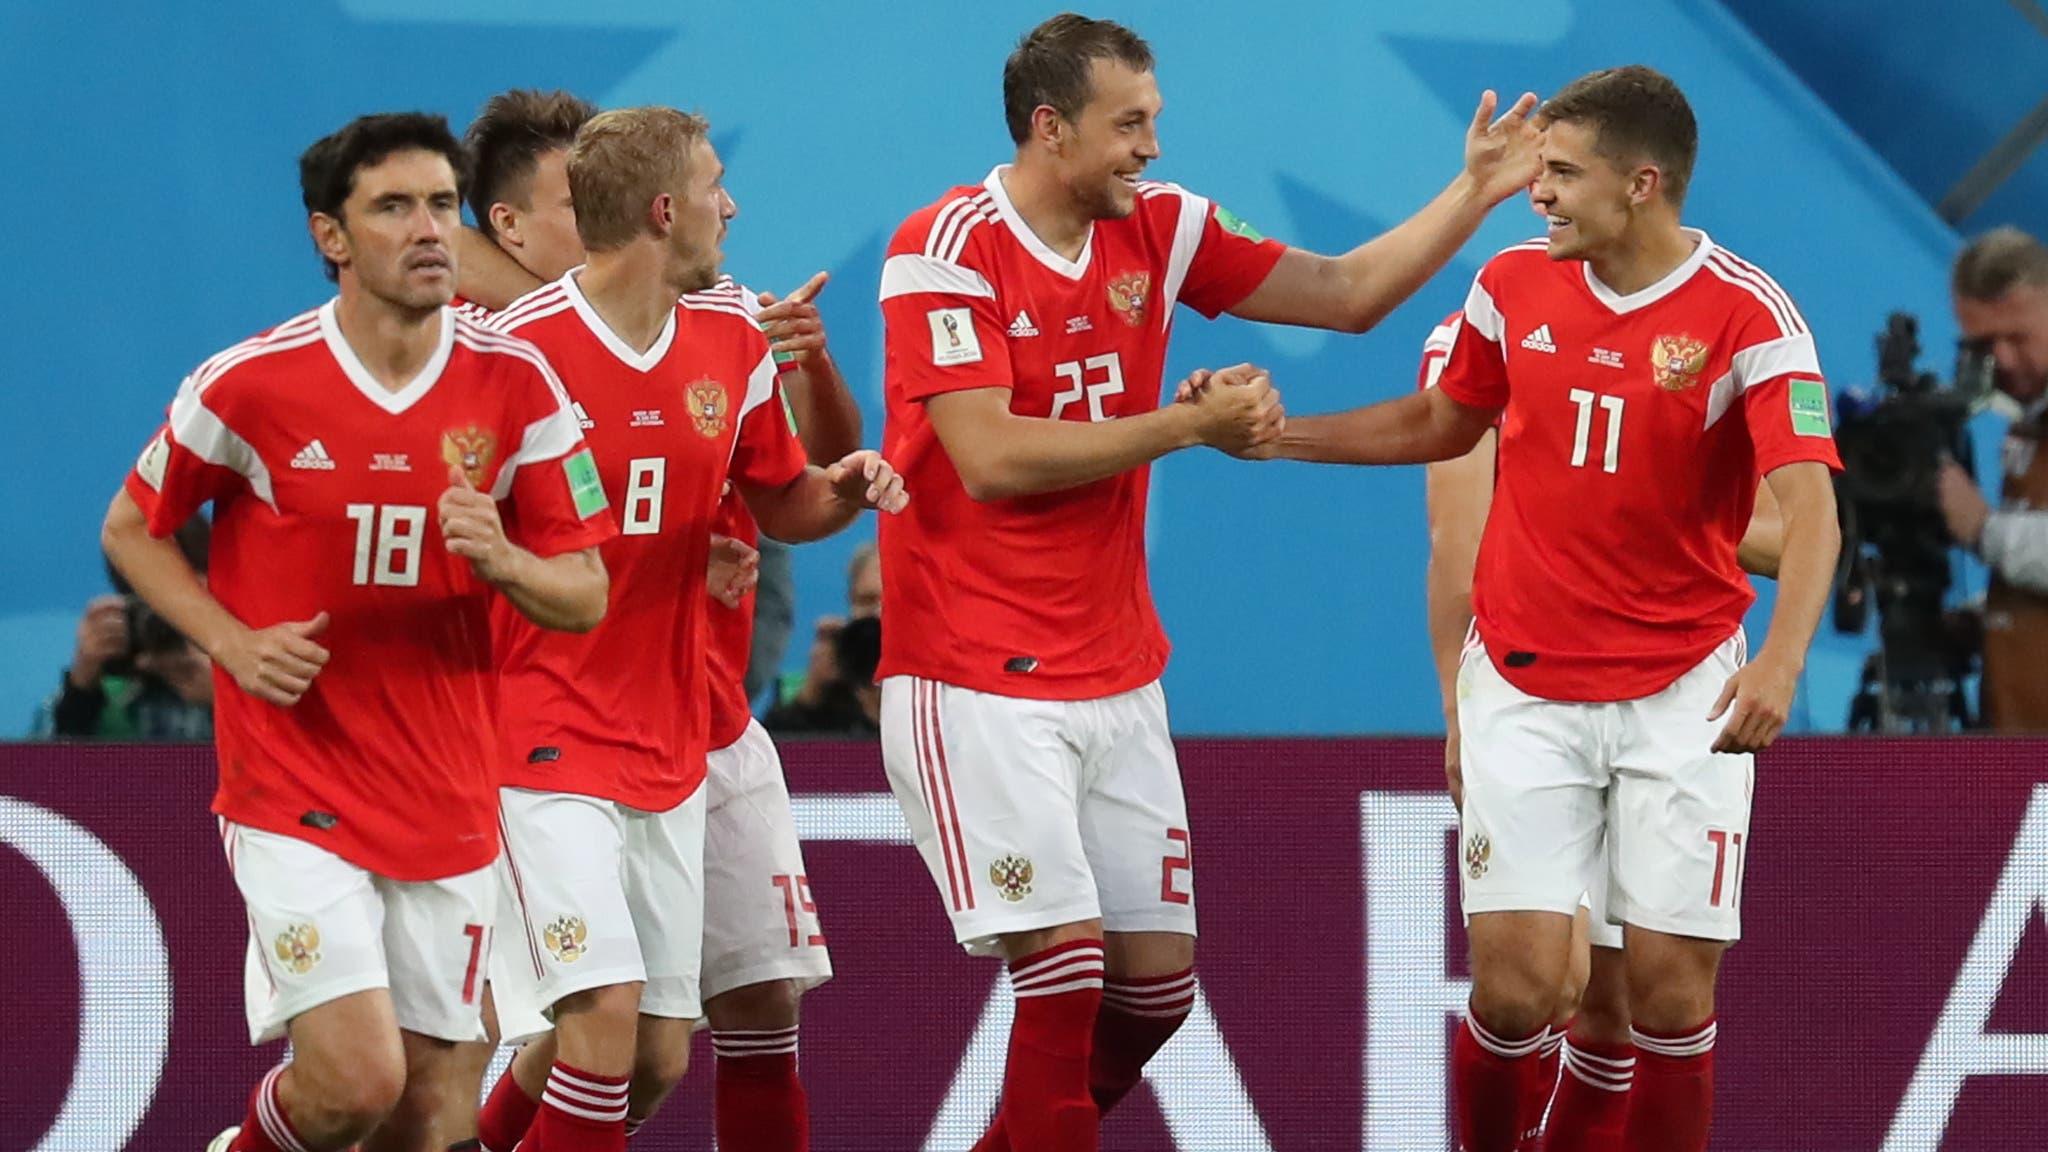 Die Russen feiern den standesgemässen 3:1-Erfolg und somit die volle Punktzahl nach zwei Spielen.